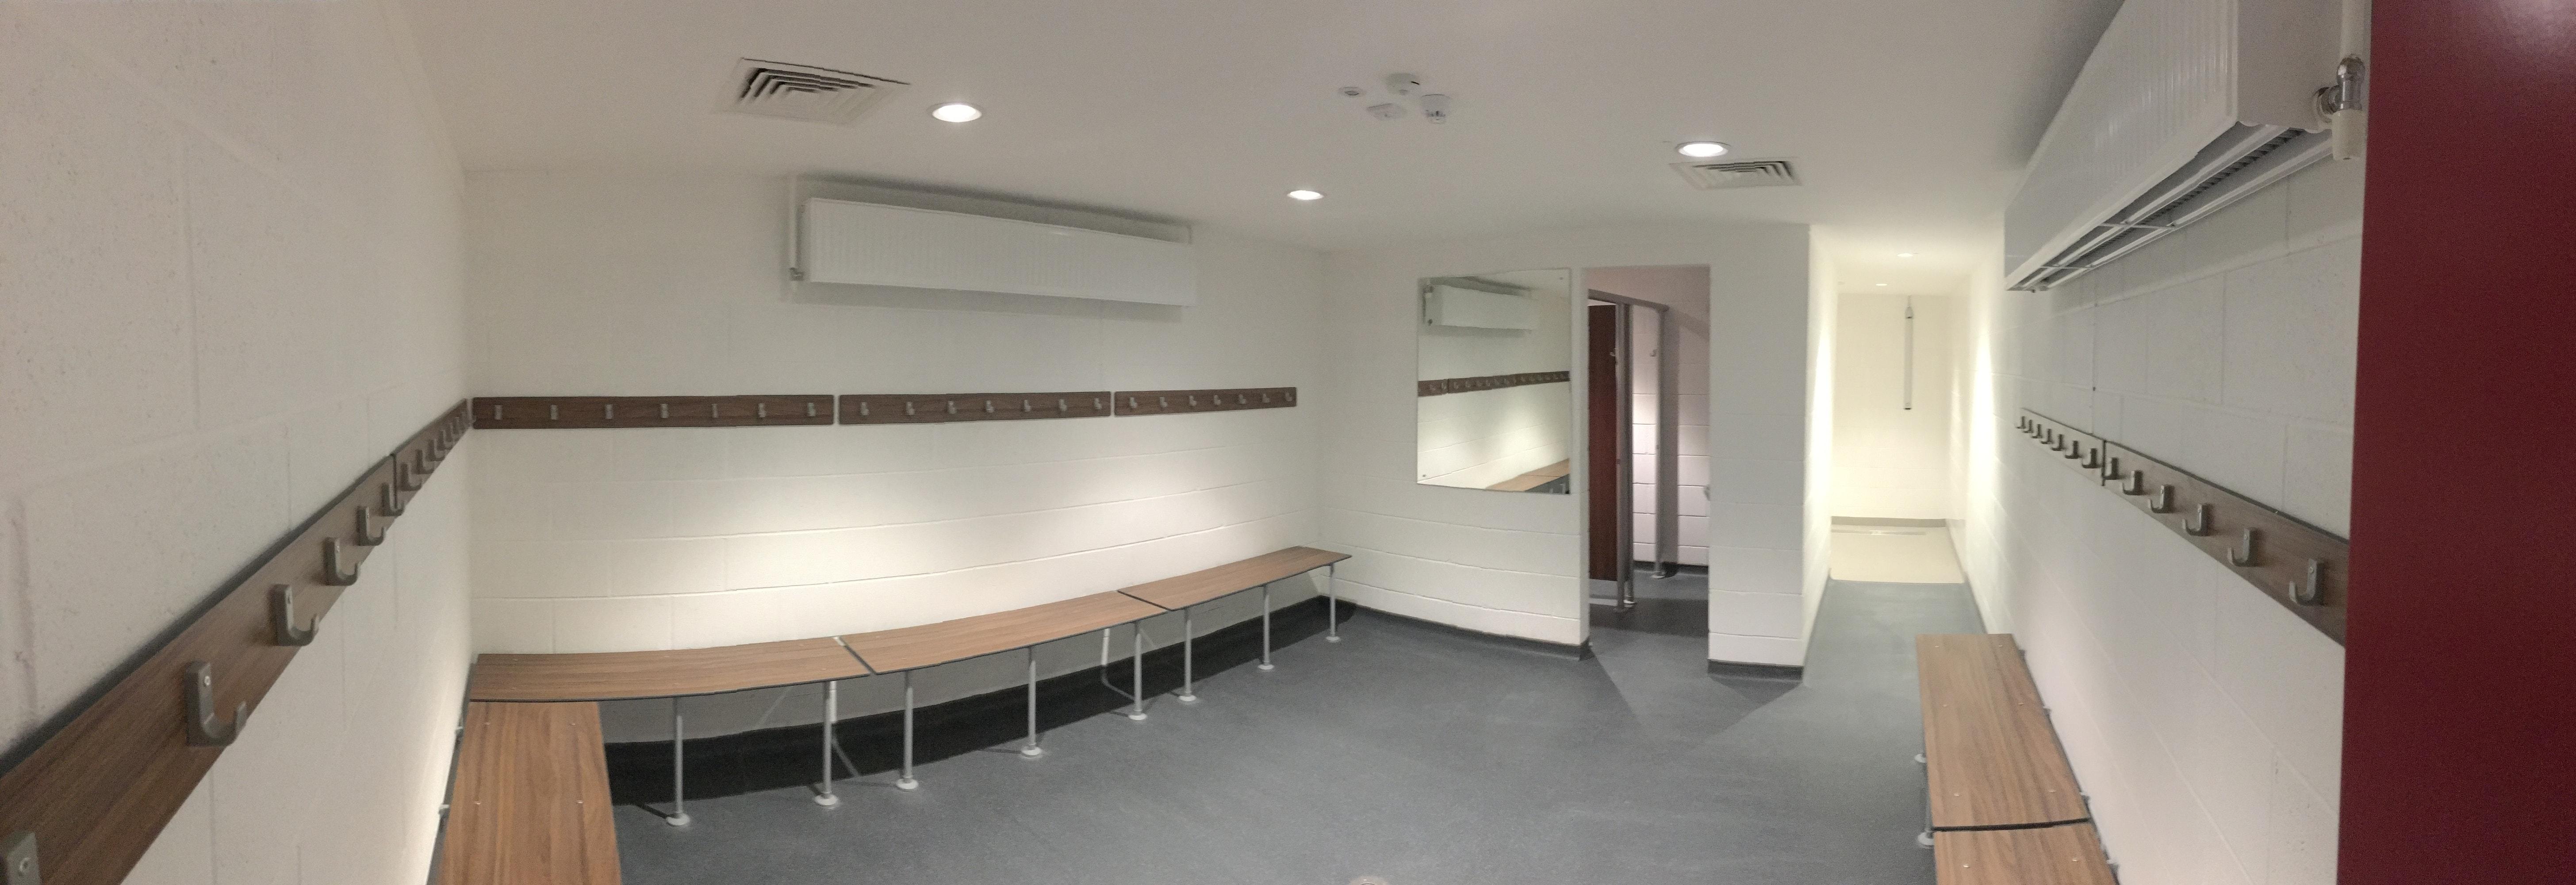 CRGP Sports Pavilion 03